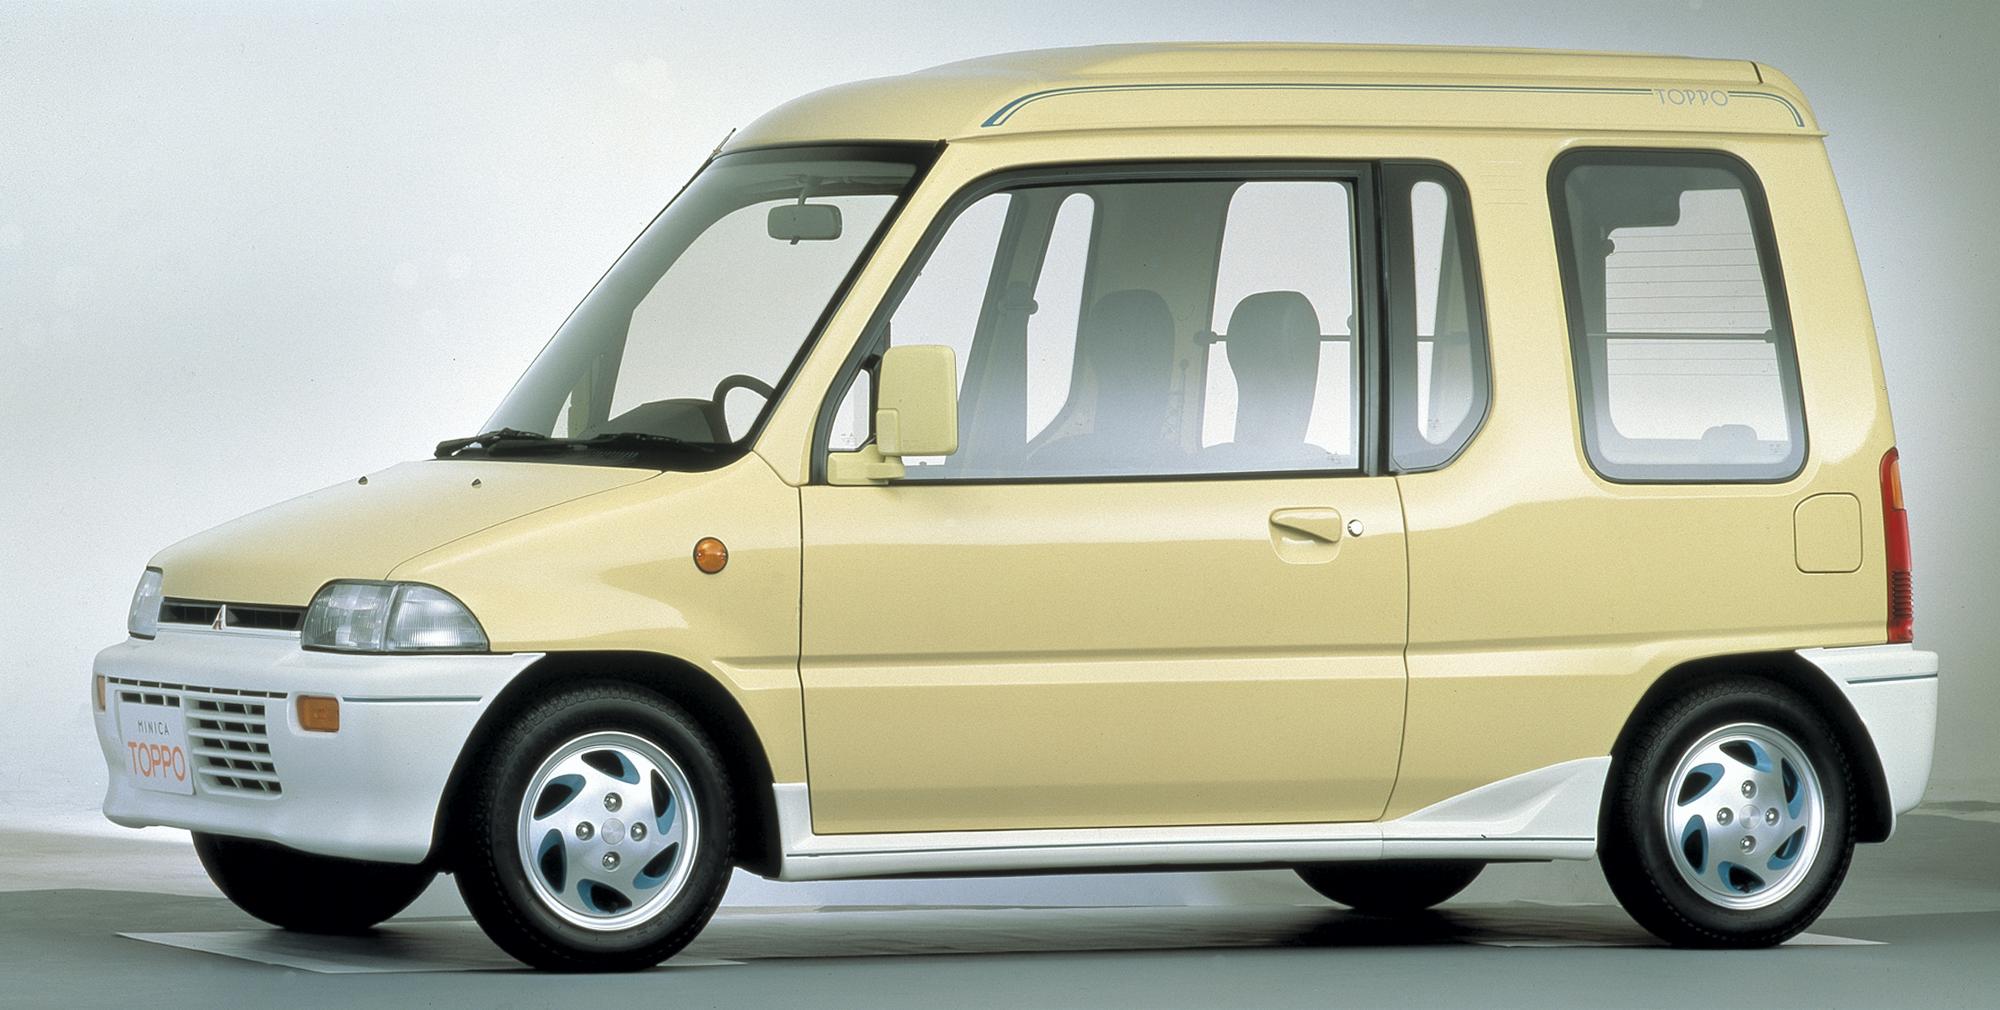 あり?なし?左右非対称なデザインの車